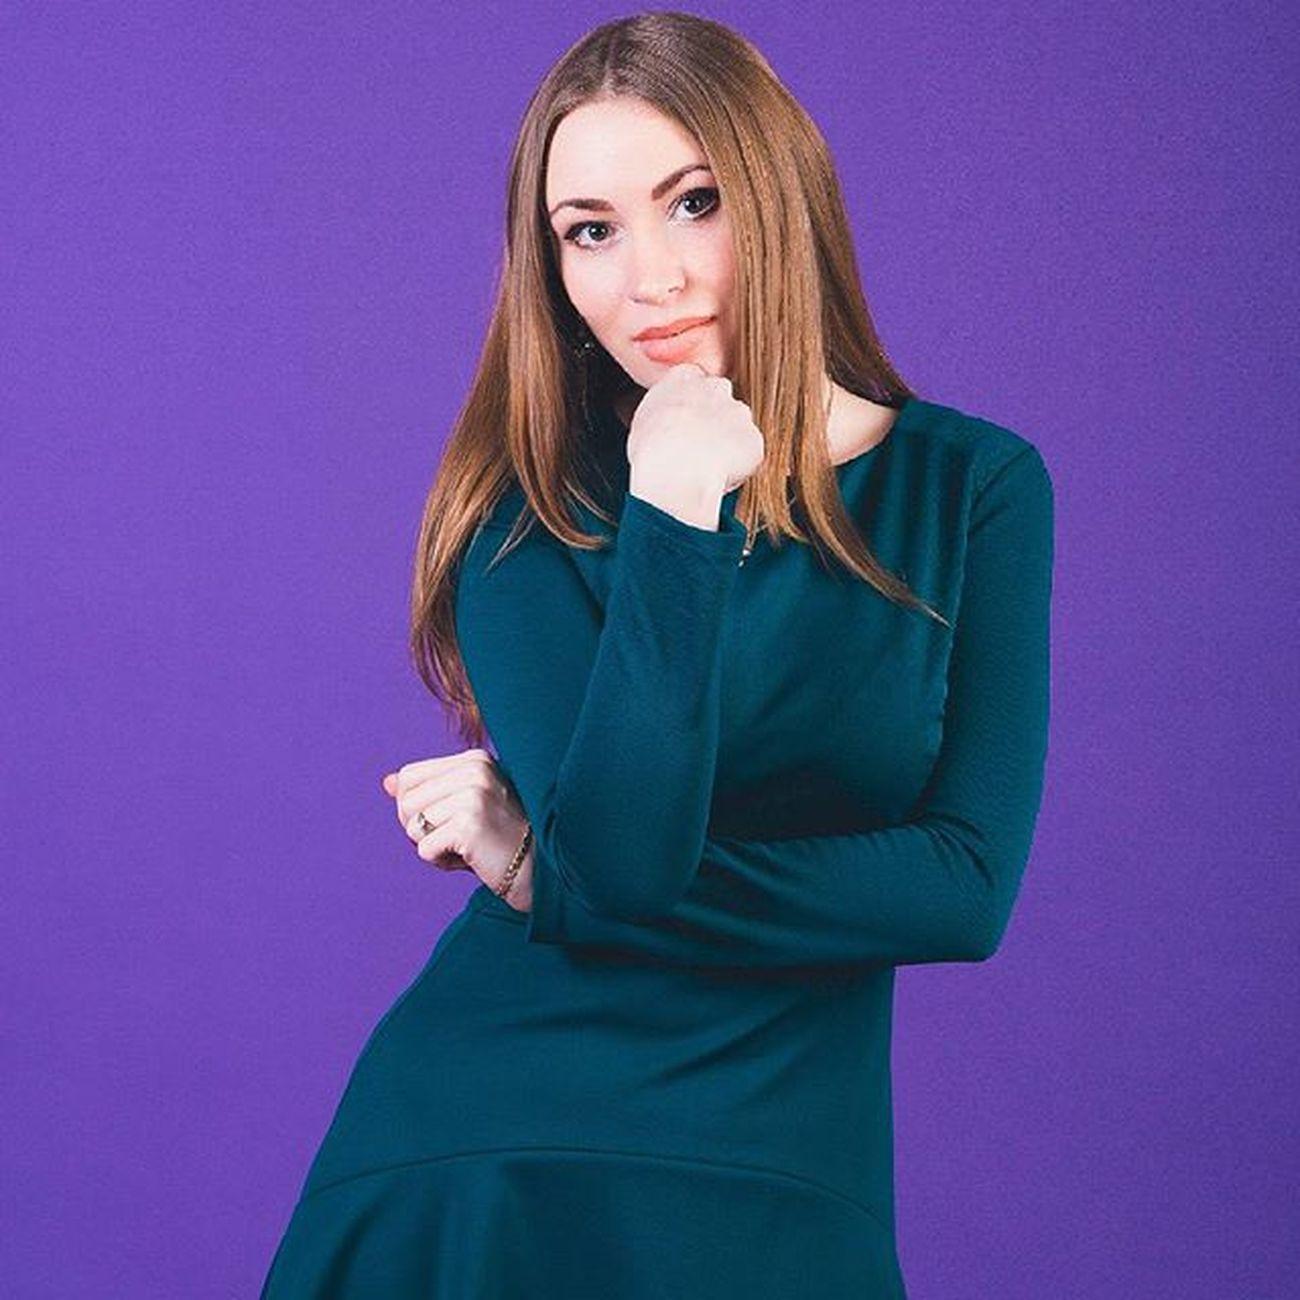 фотографвбийске софьятретьякова